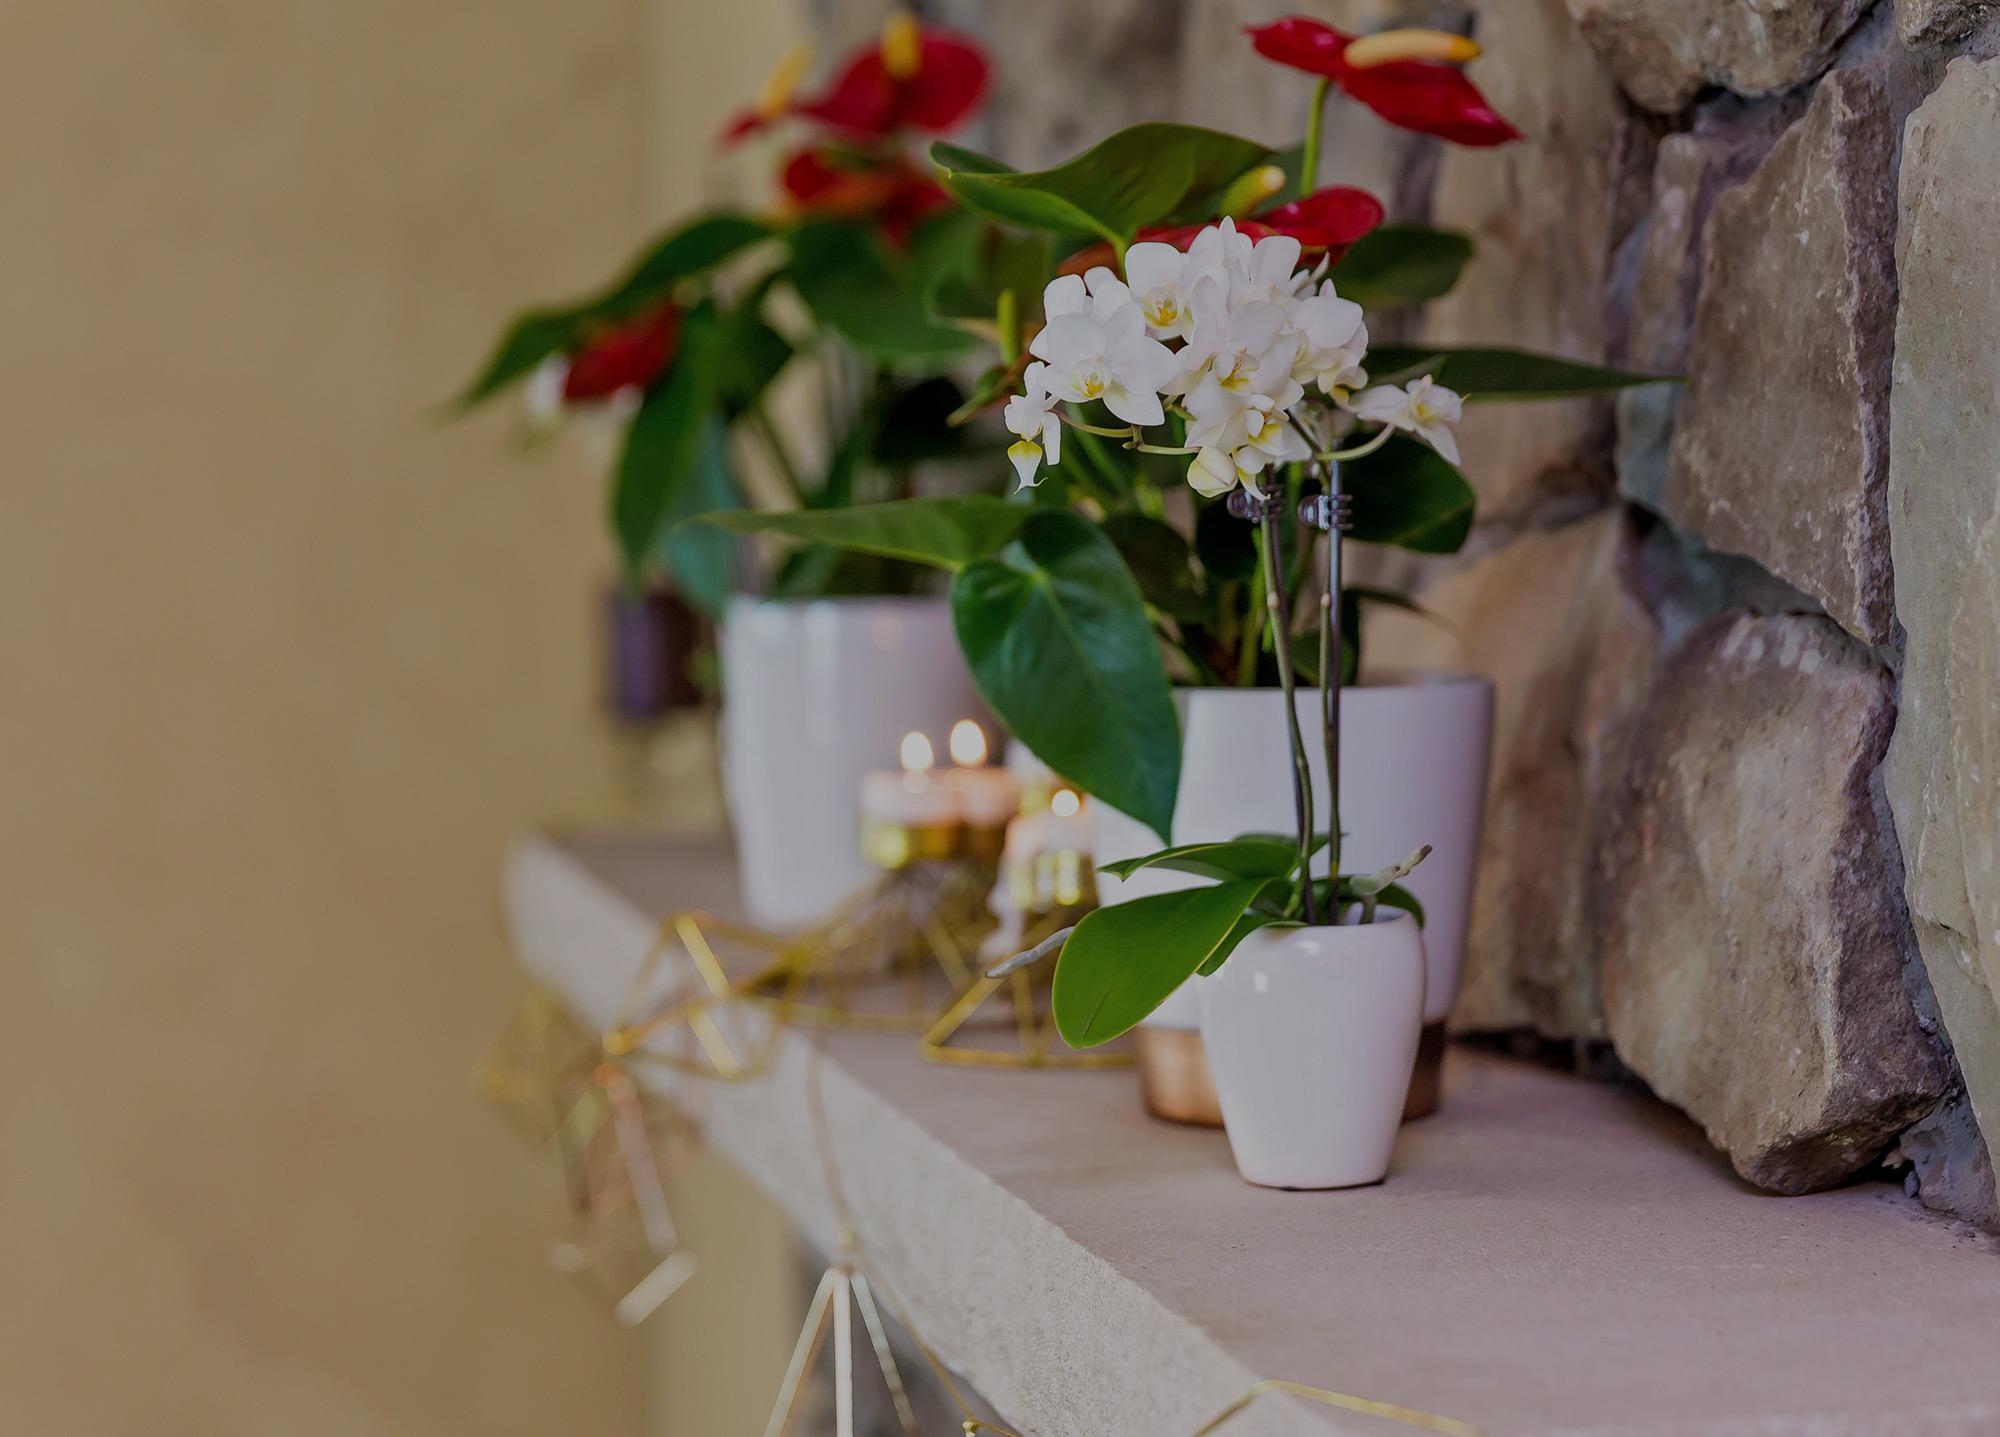 Poinsettia Alternatives for Holiday Decor